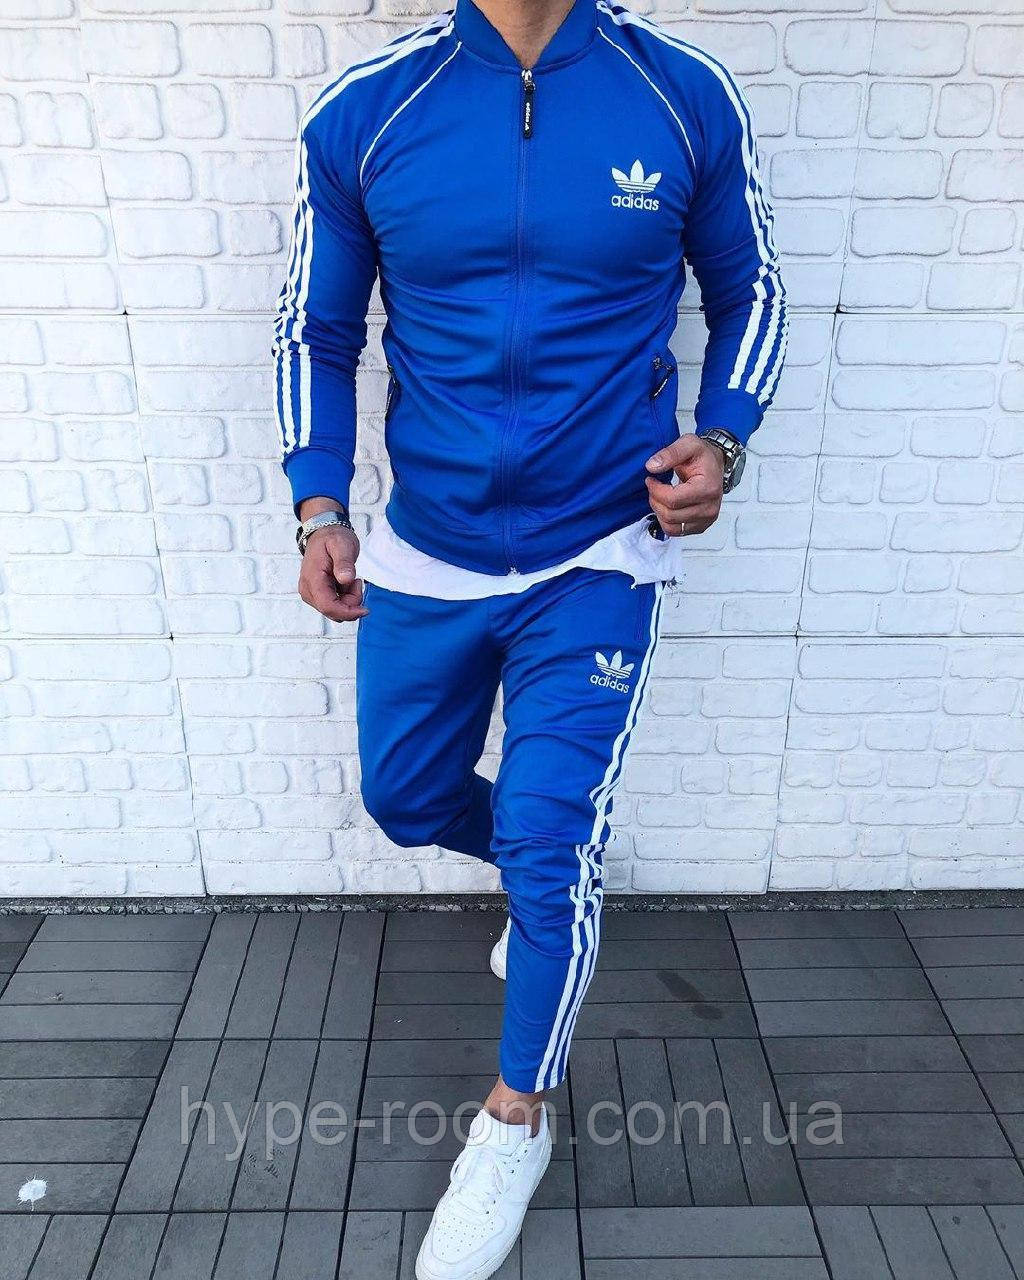 Мужской Спортивный Костюм в стиле Adidas / Турция(размер S,XL,XXL)